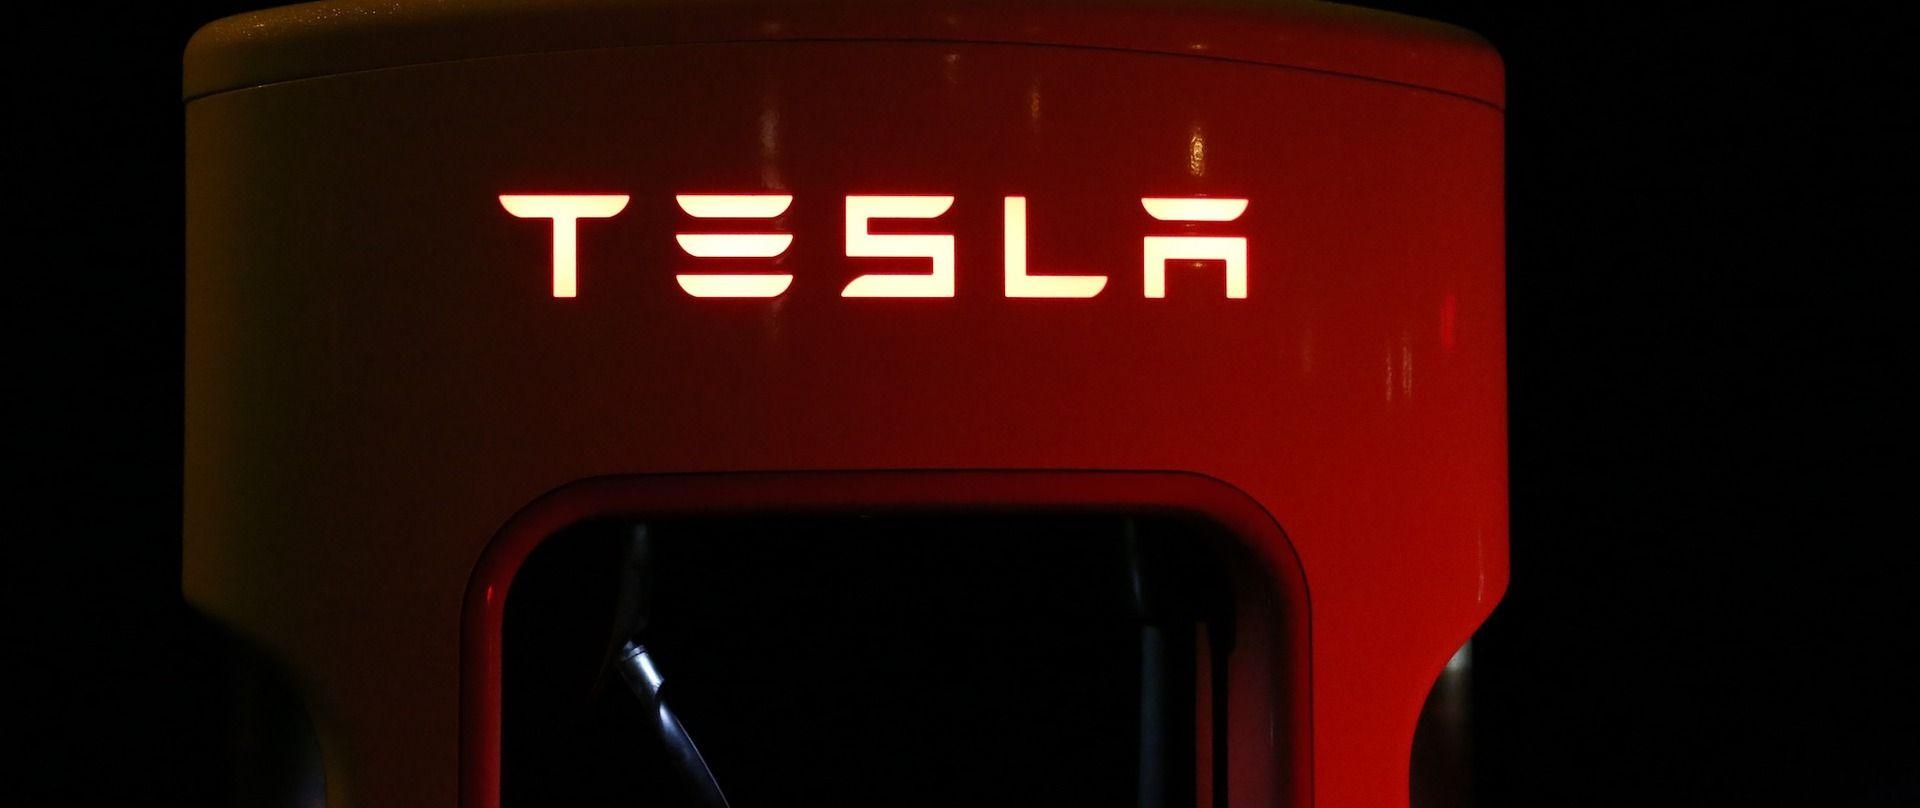 Tesla imenovao Robyn Denholm za predsjednicu odbora direktora